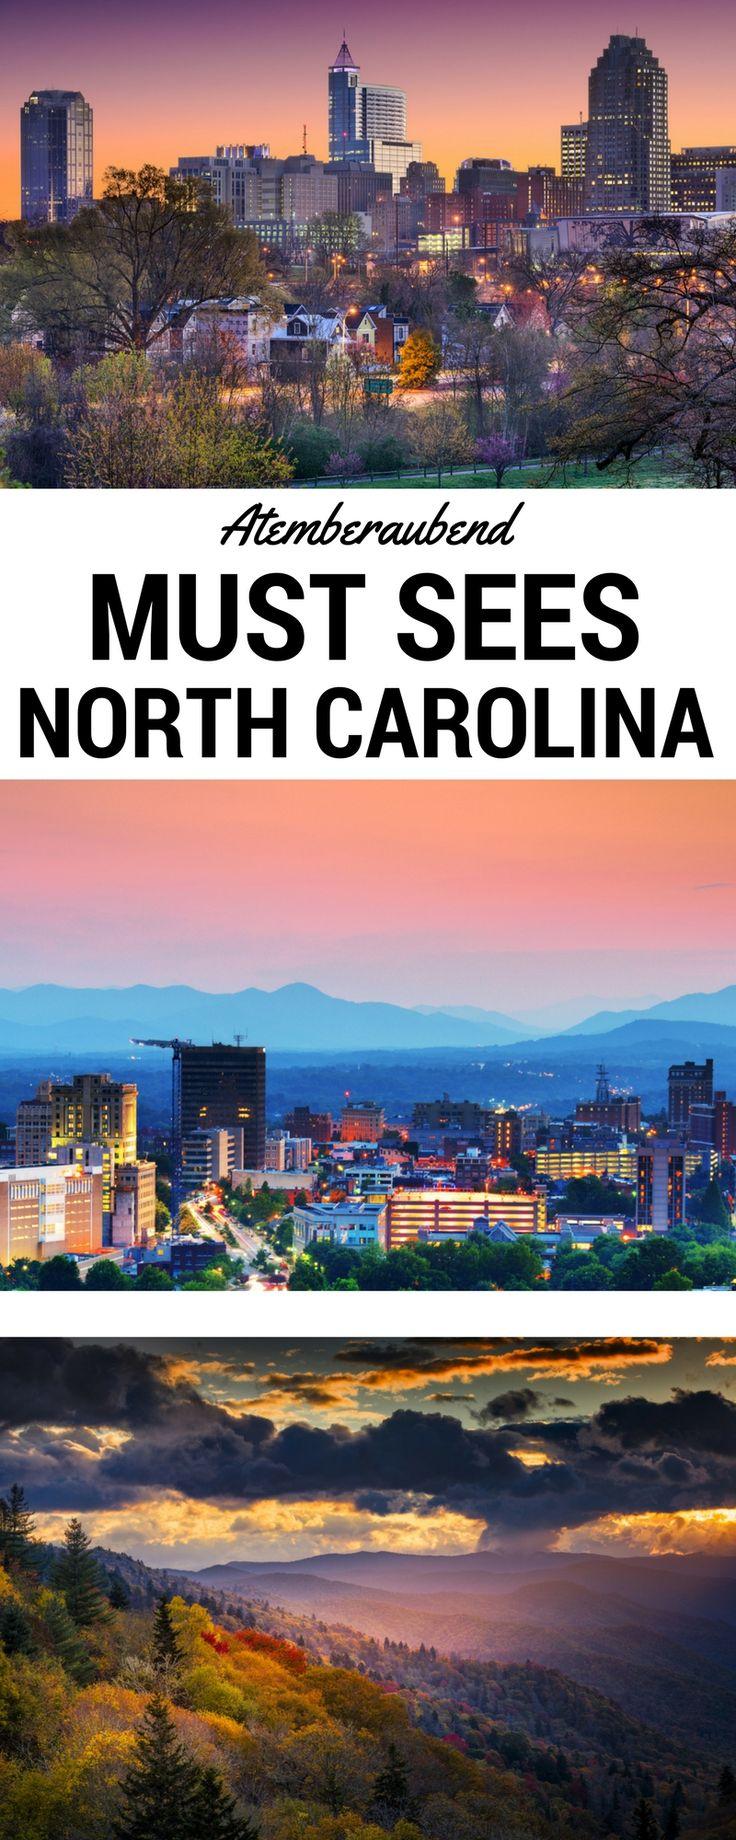 Lange Strände, schillernde Städte und bewundernswerte Berge - North Carolina ist ein Mekka für alle, die einen abwechslungsreichen Urlaub voller Action und/oder Entspannung herbeisehnen. Wir zeigen Dir, welche Vielfalt Dich in North Carolina erwartet.